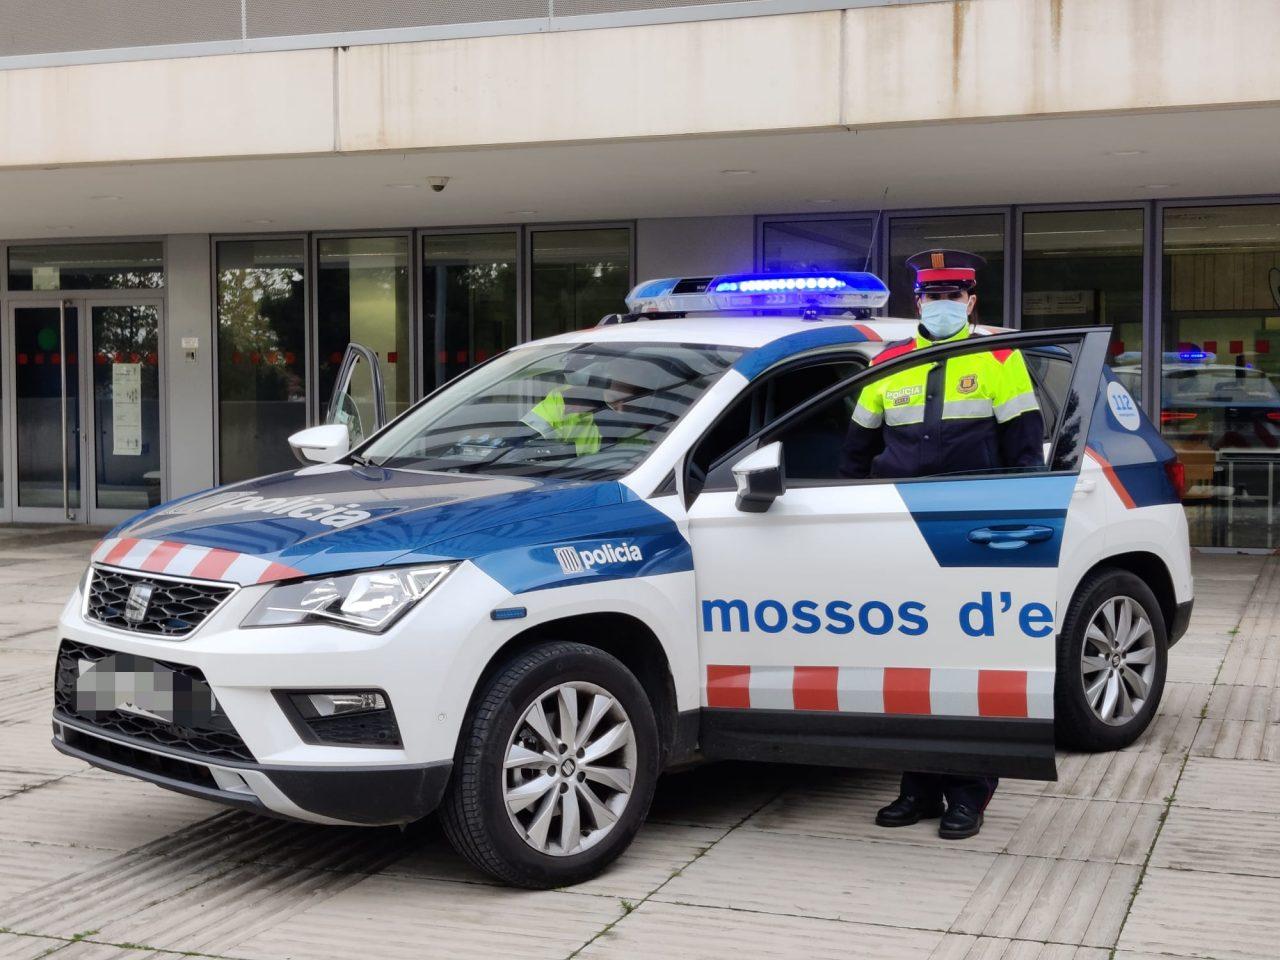 Cotxe-mossos-1280x960.jpg